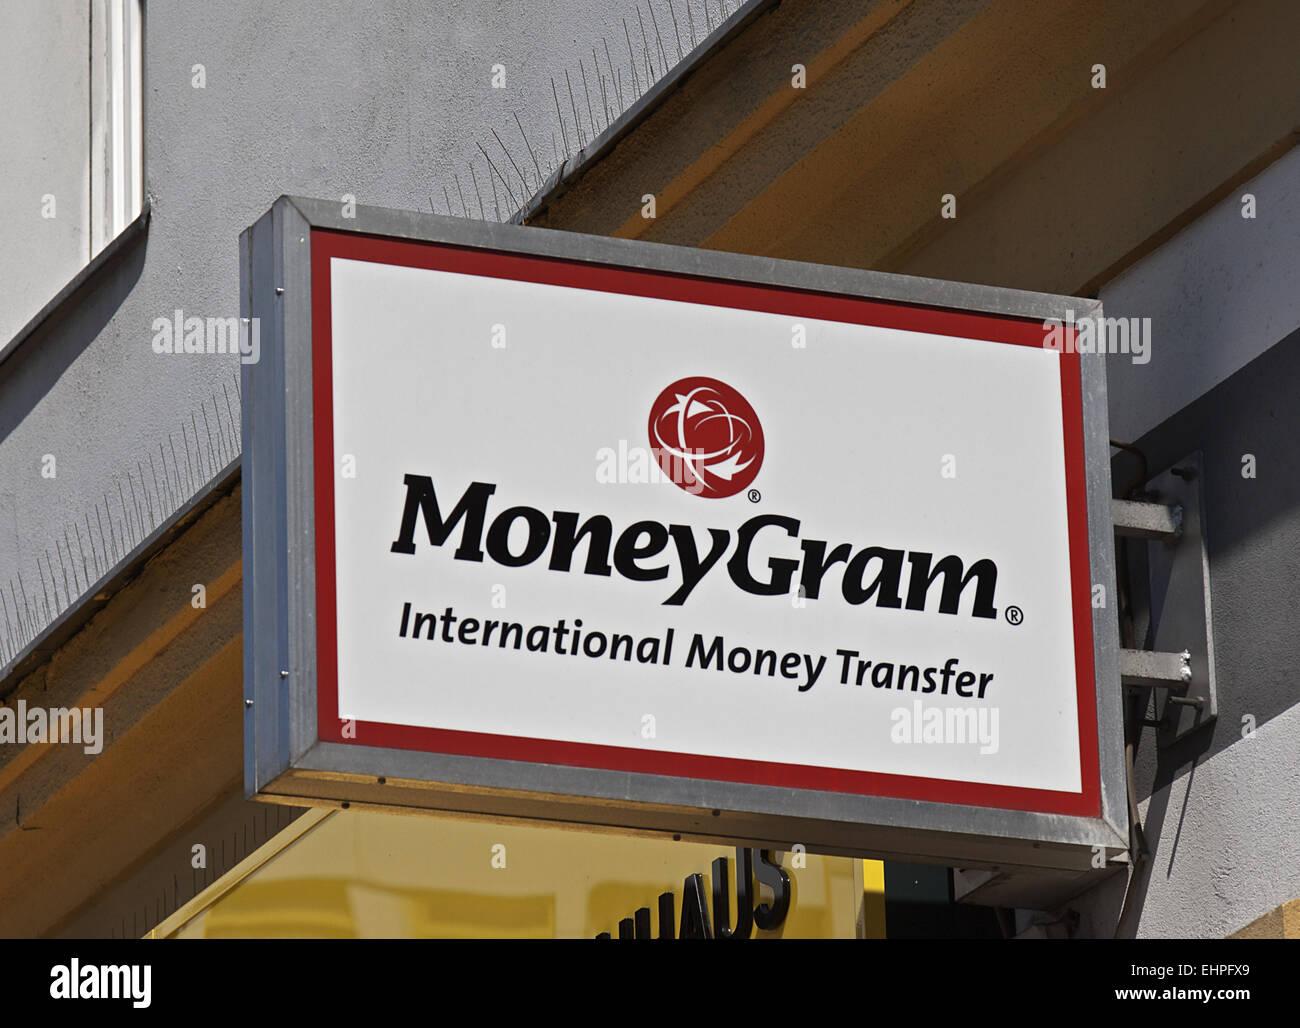 MoneyGram - Stock Image